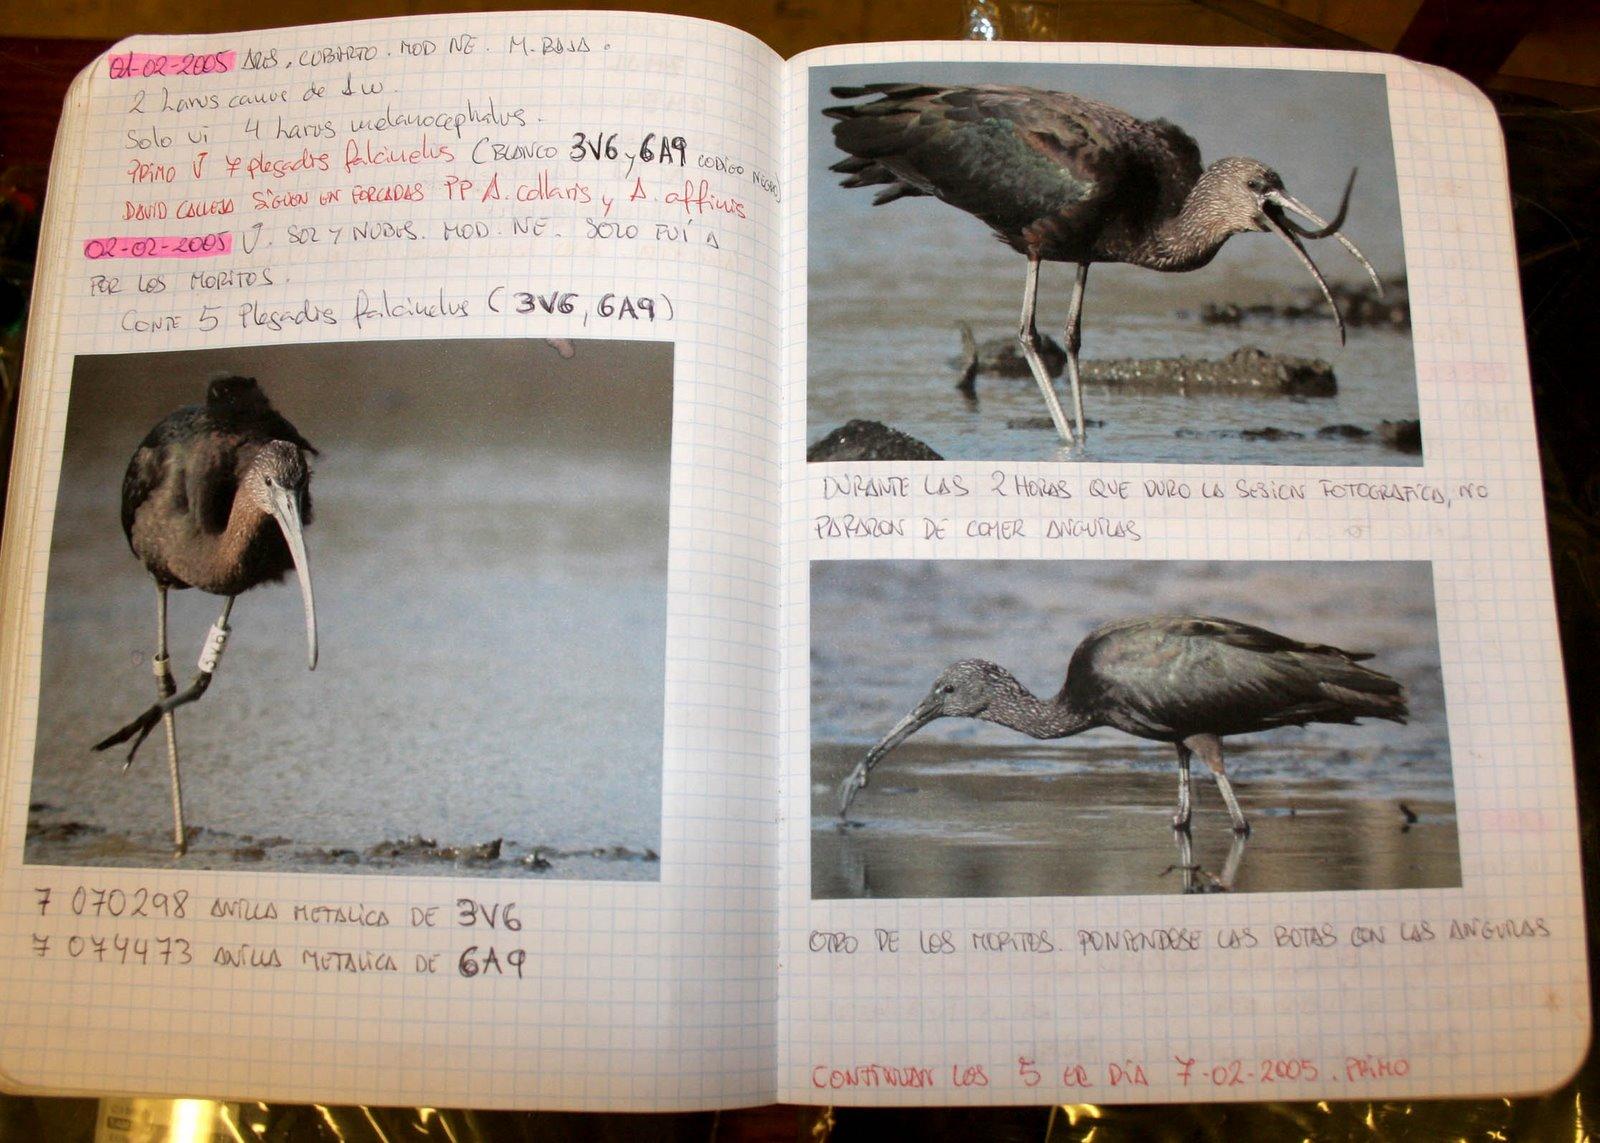 Cuaderno de campo ilustrado con fotografías (C) Antonio Gutiérrez